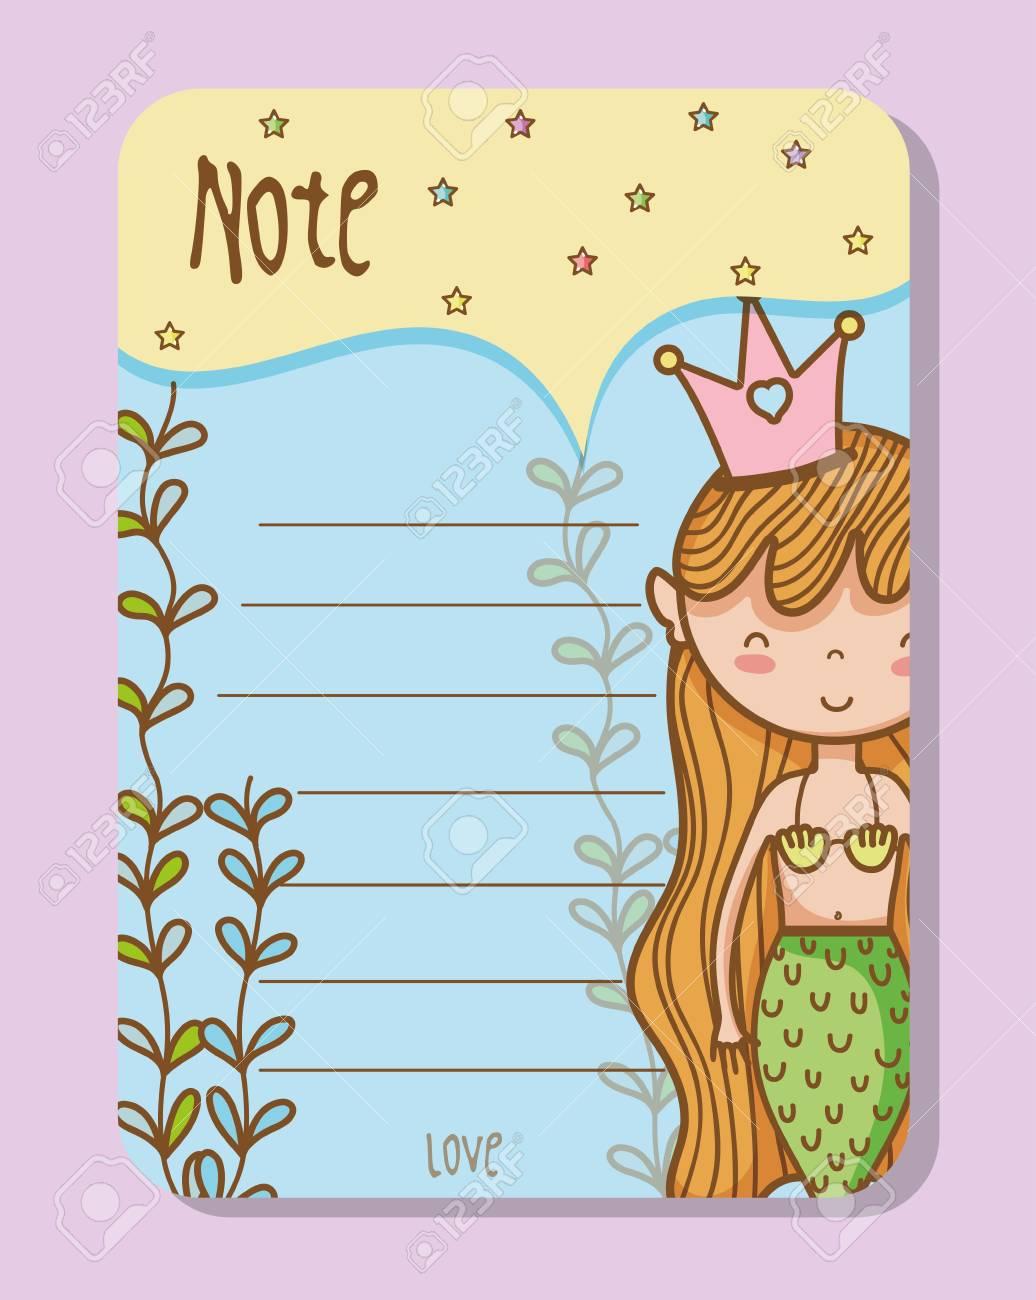 Colorful Printable Sheets Of Mermaid Princess Royalty Free Cliparts ...